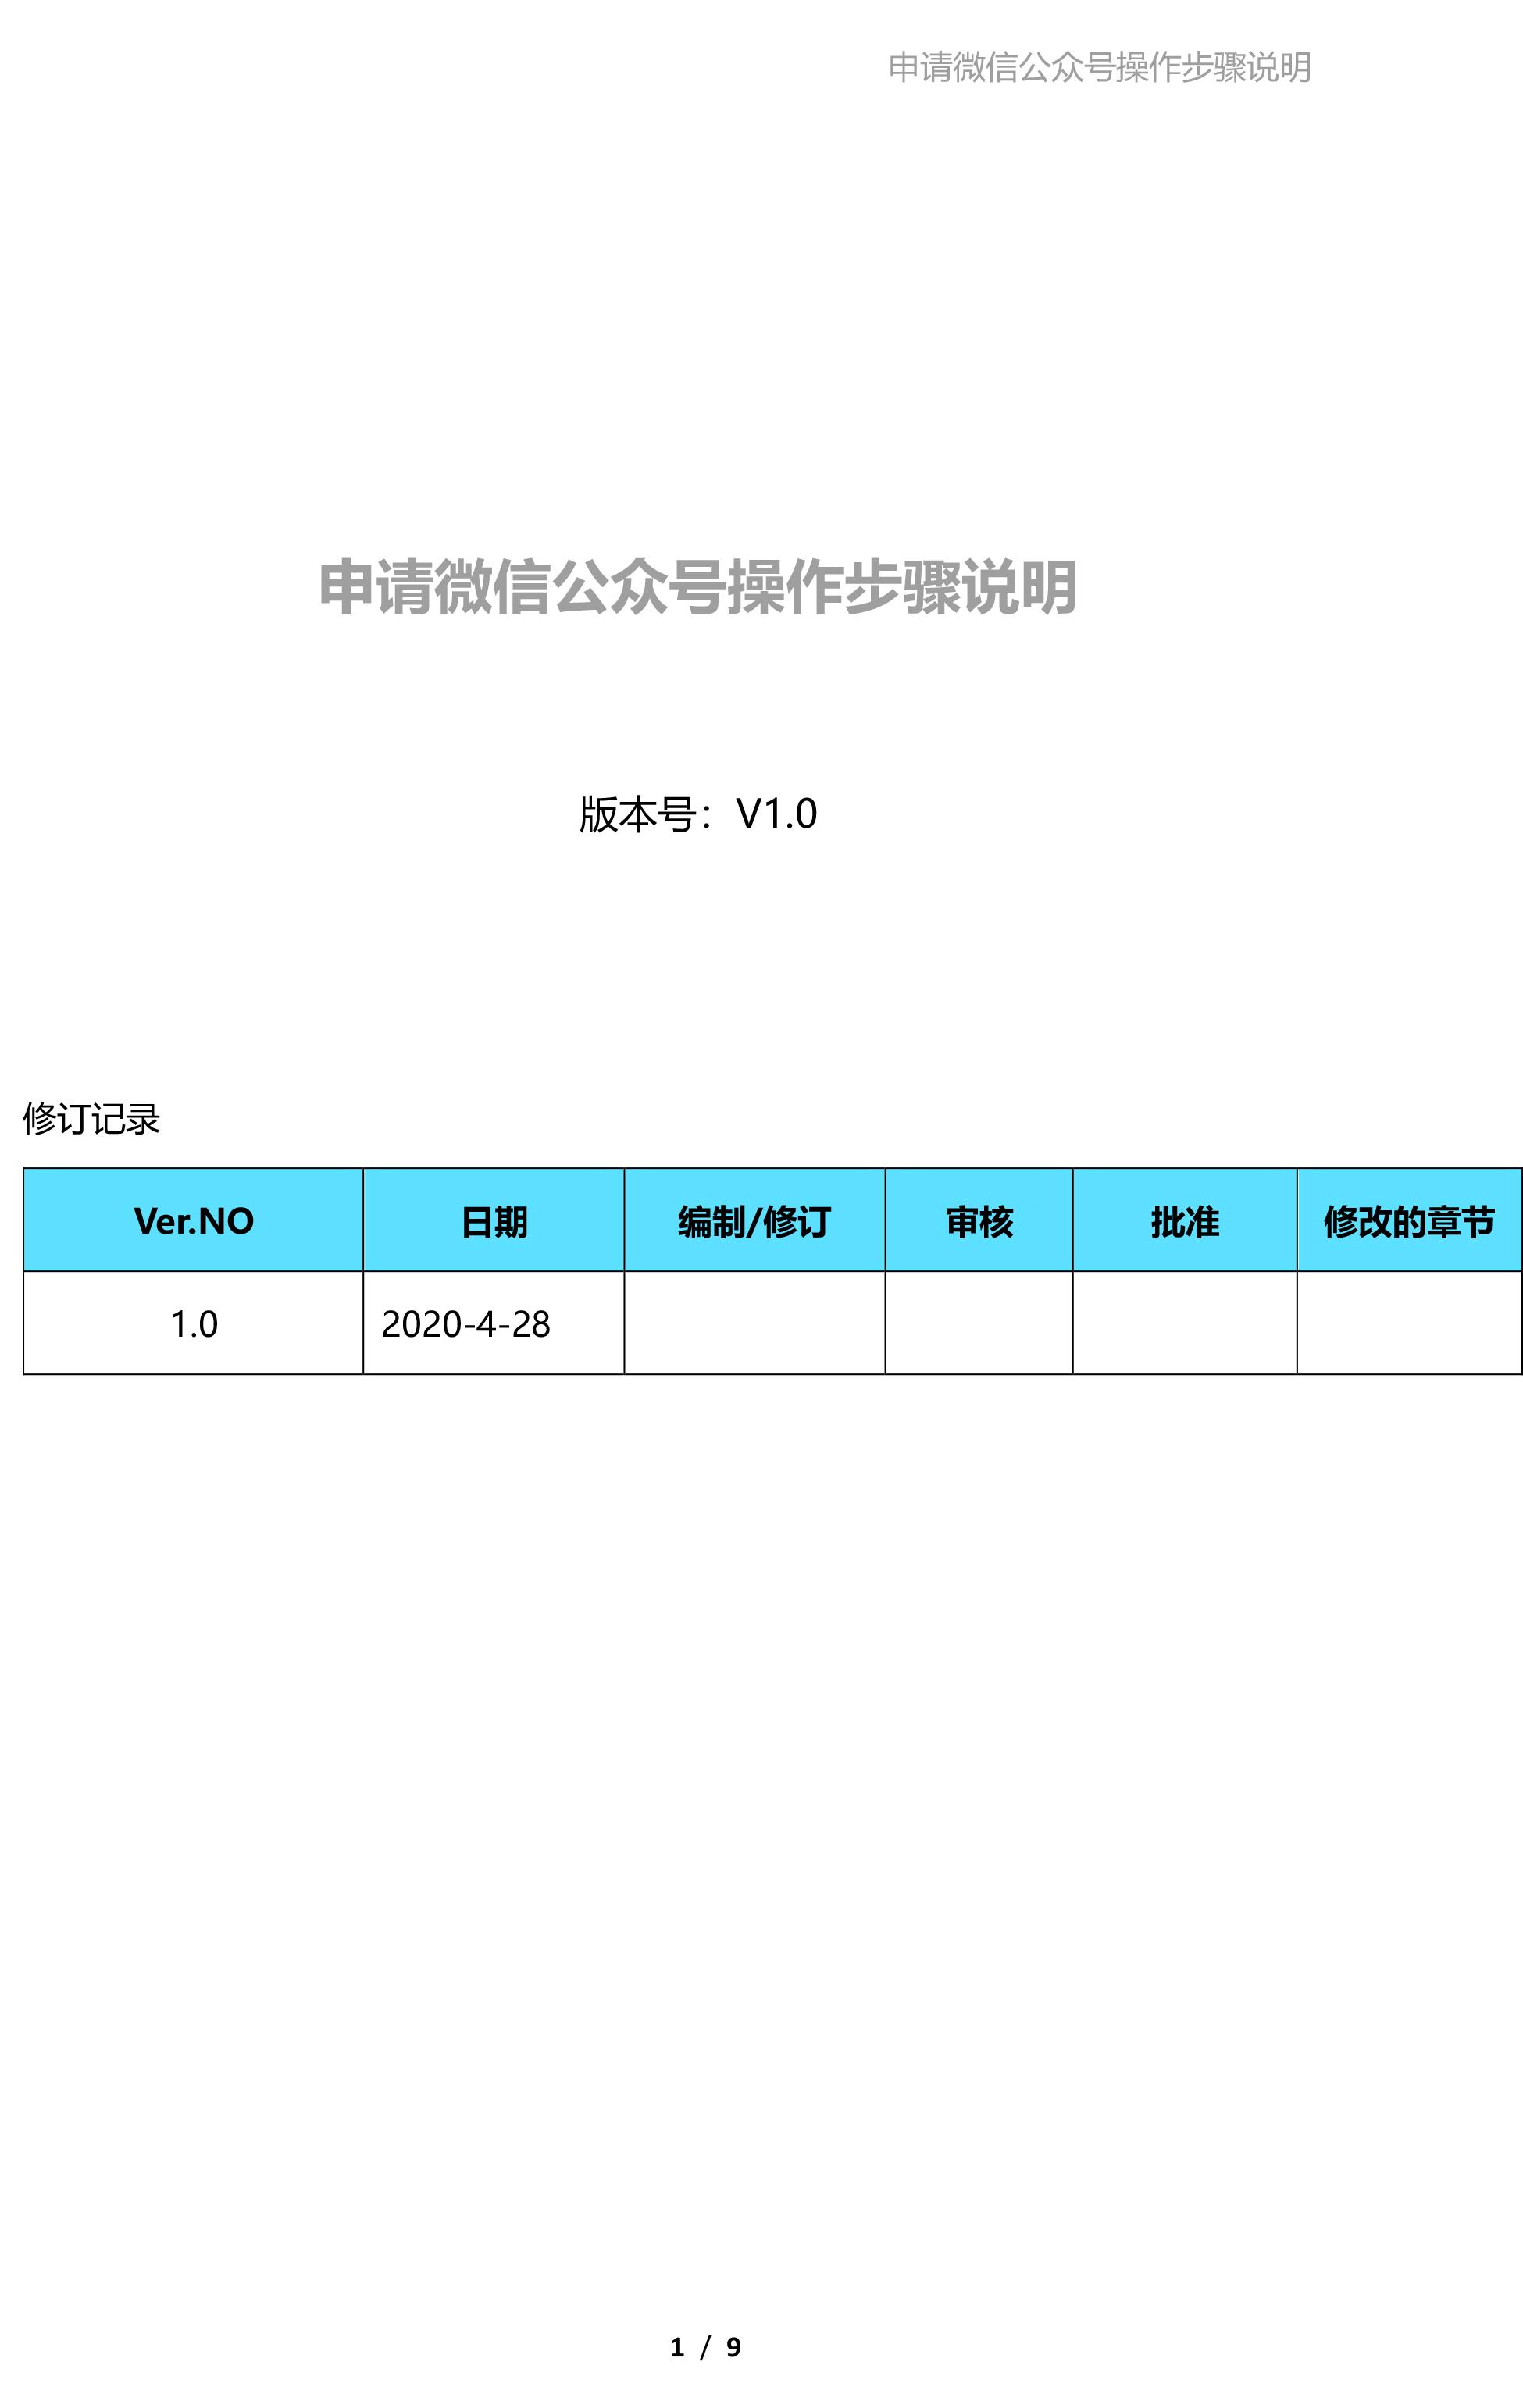 课程2附件、申请微信公众号操作步骤说明-1.jpg